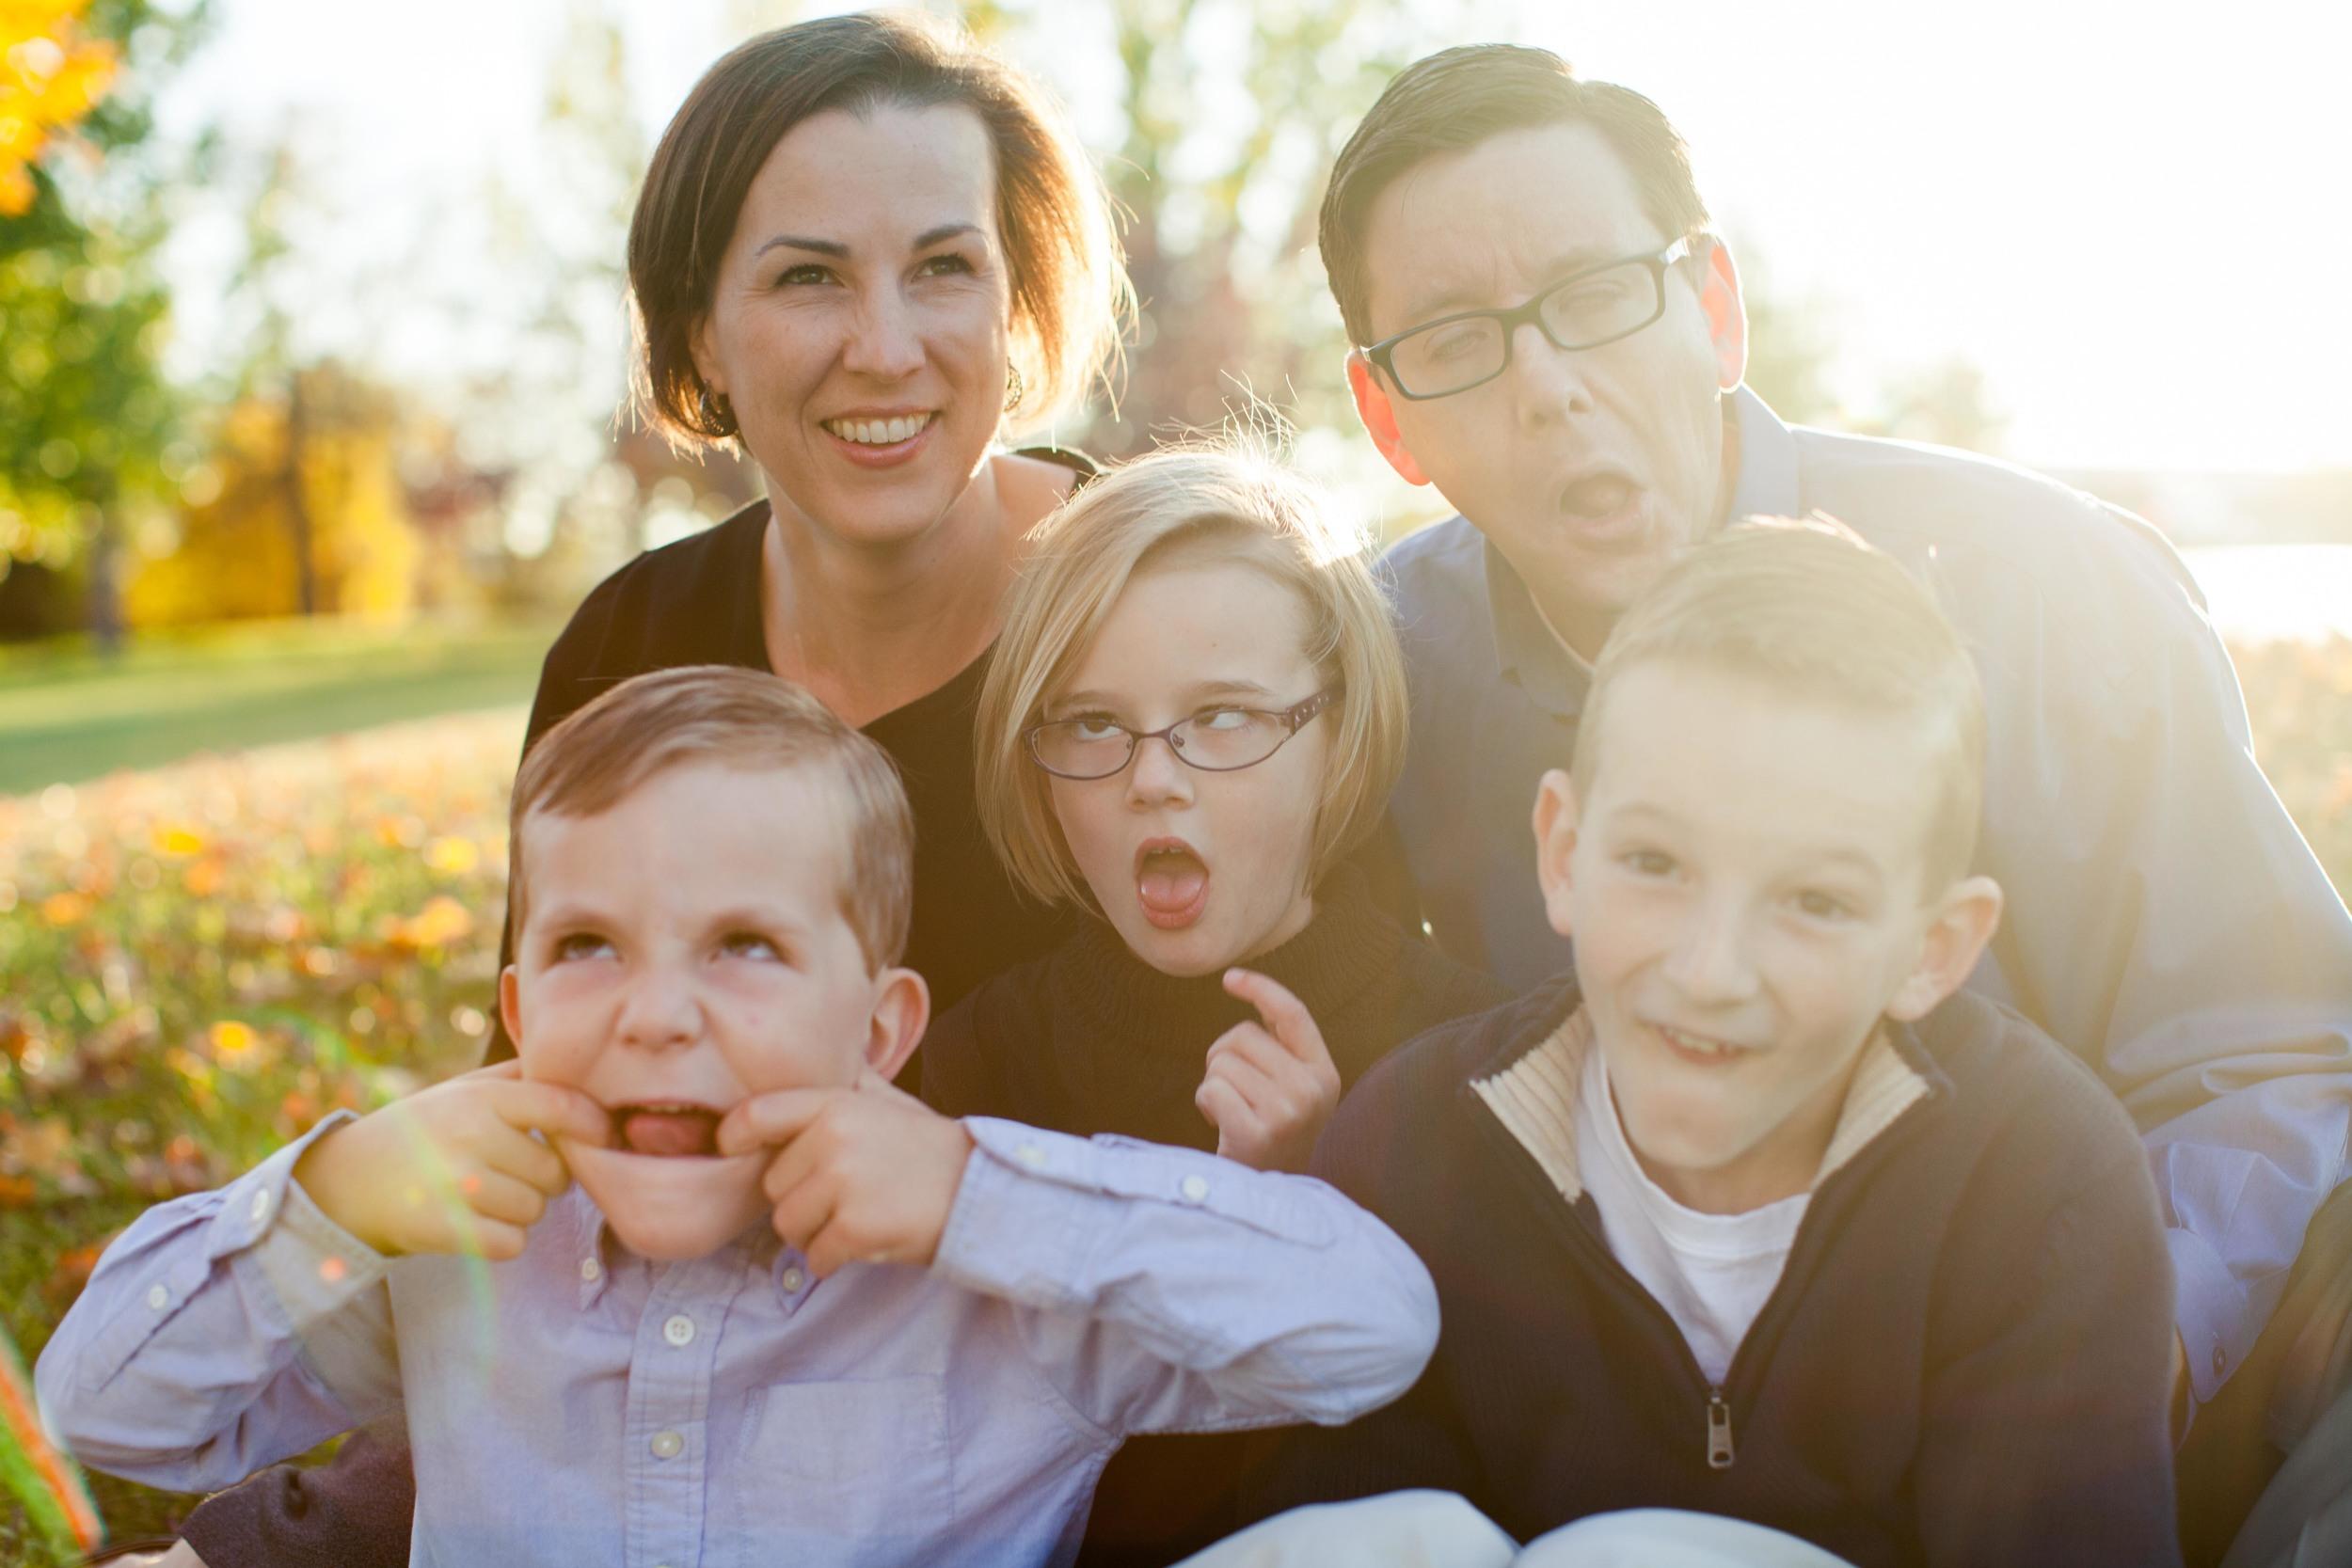 h family_131022_0175_1.jpg